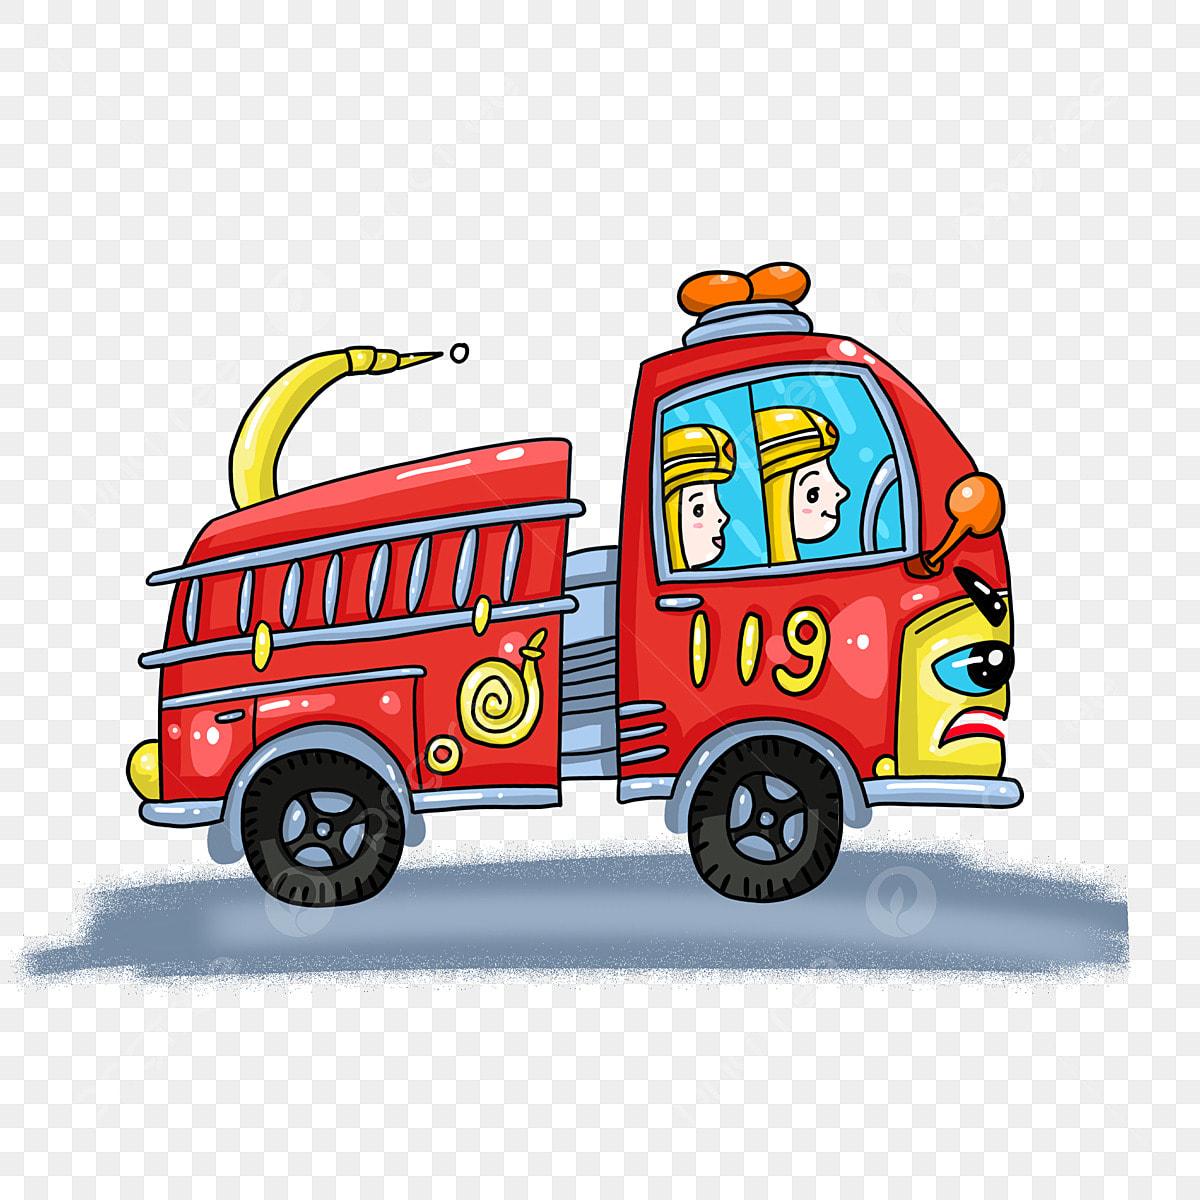 Gambar Mesin Pemadam Kebakaran Pemadam Kebakaran Pemadaman Api Petugas Pemadam Kebakaran Keselamatan Kebakaran Pemadam Kebakaran Png Transparan Clipart Dan File Psd Untuk Unduh Gratis